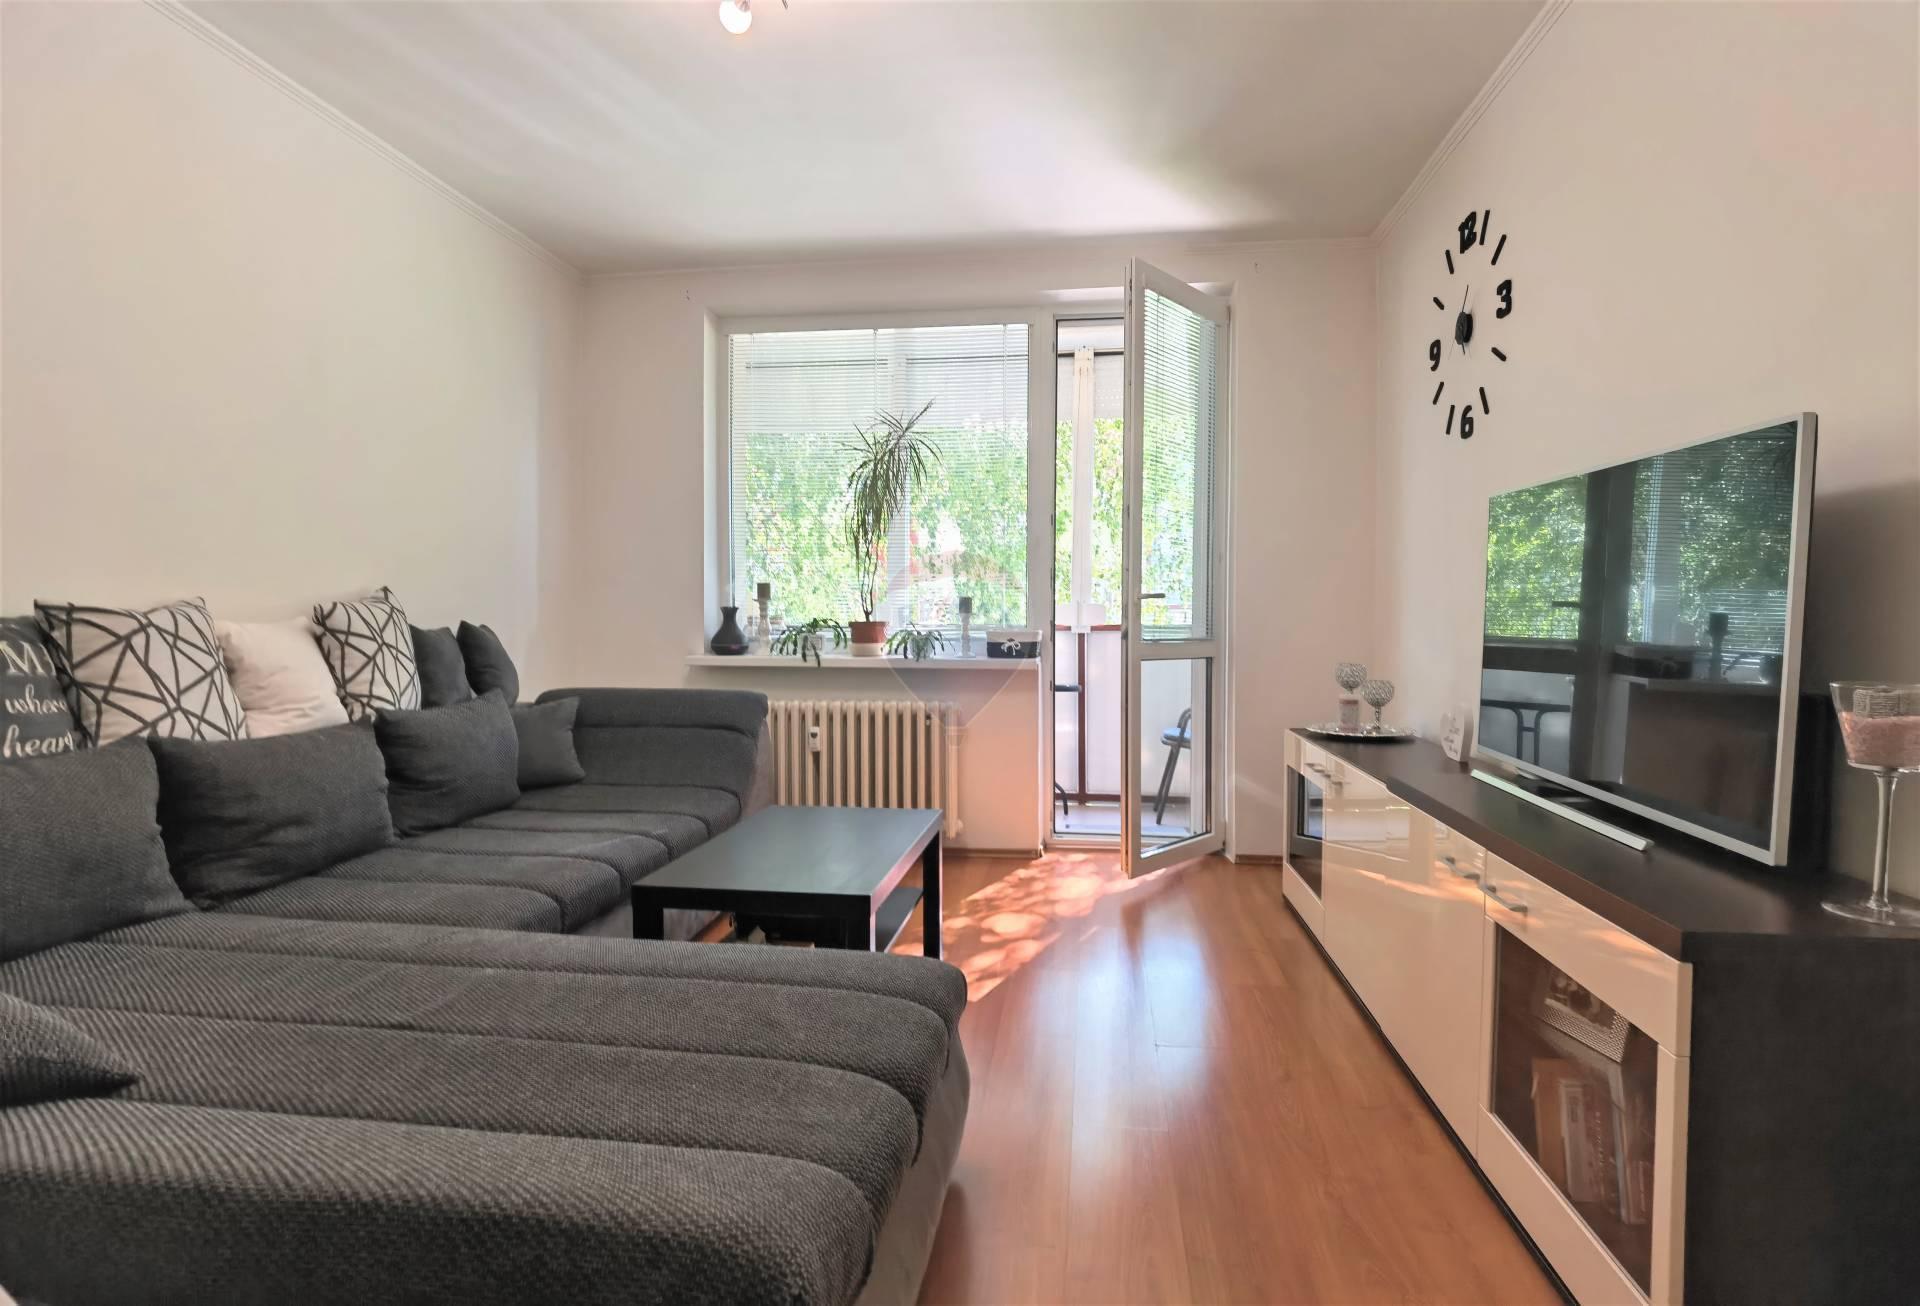 Predaj bytu (3 izbový) 65 m2, Trnava -